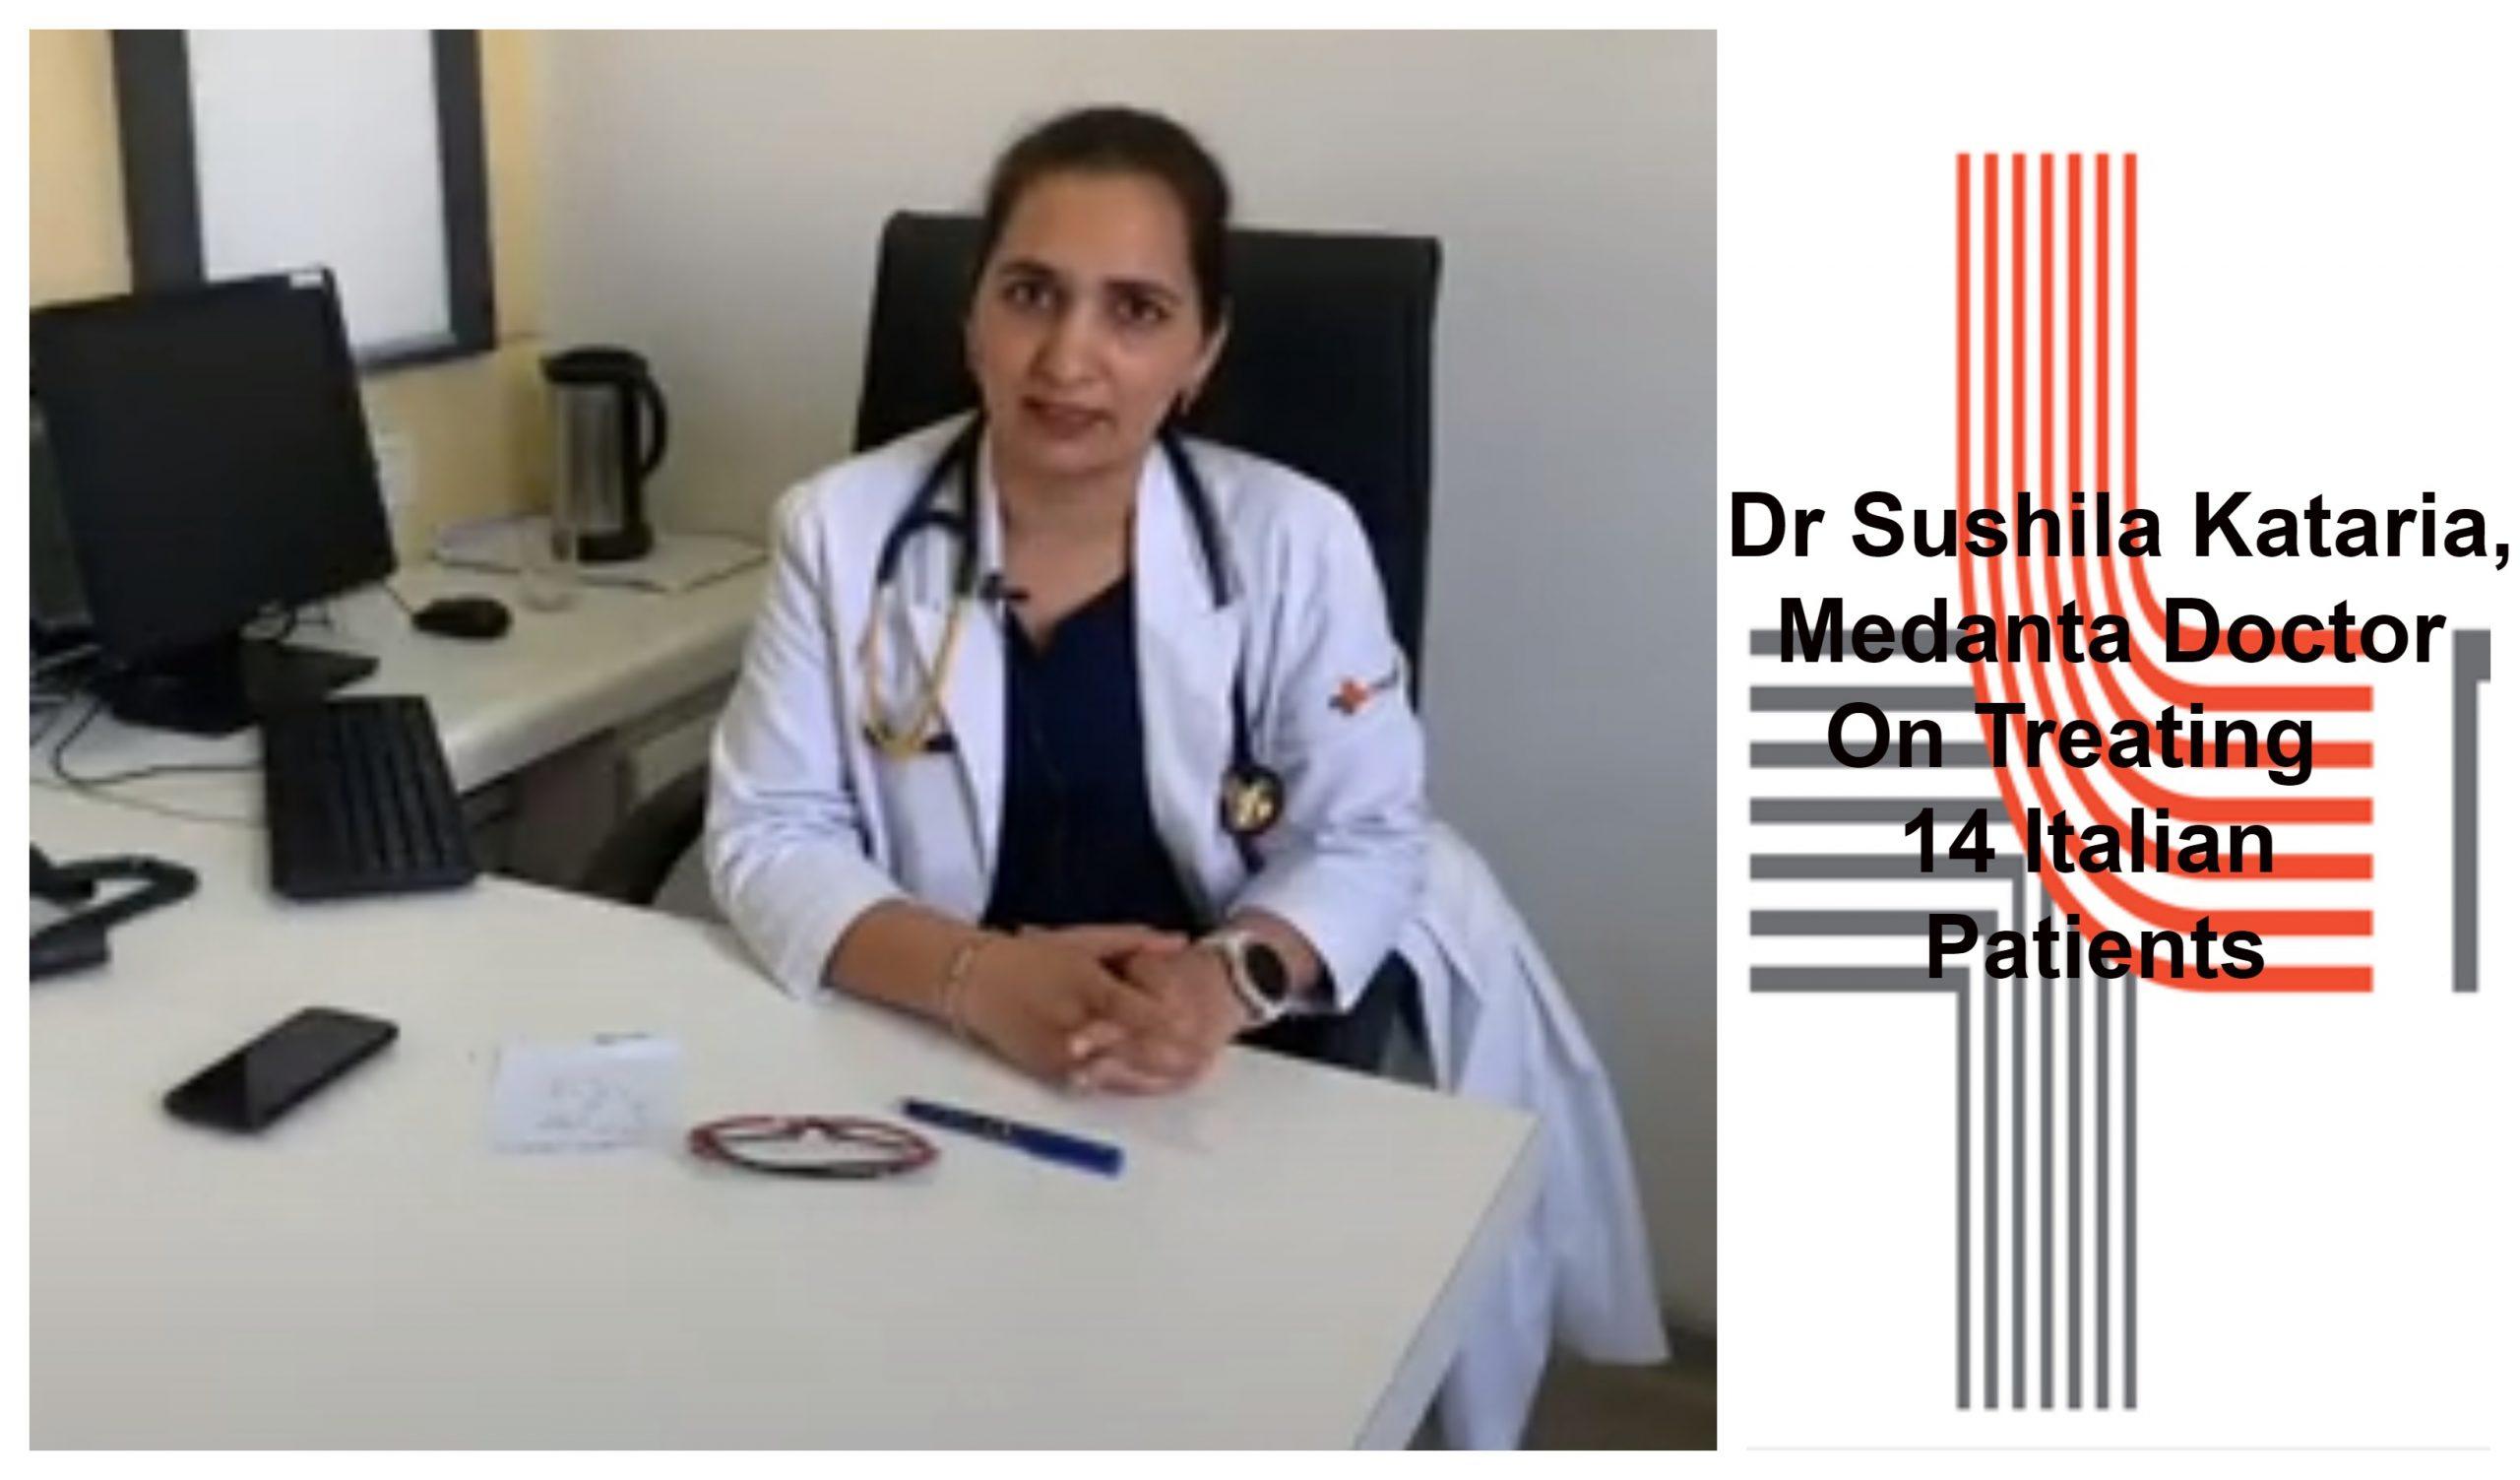 Dr Sushila Kataria, Medanta